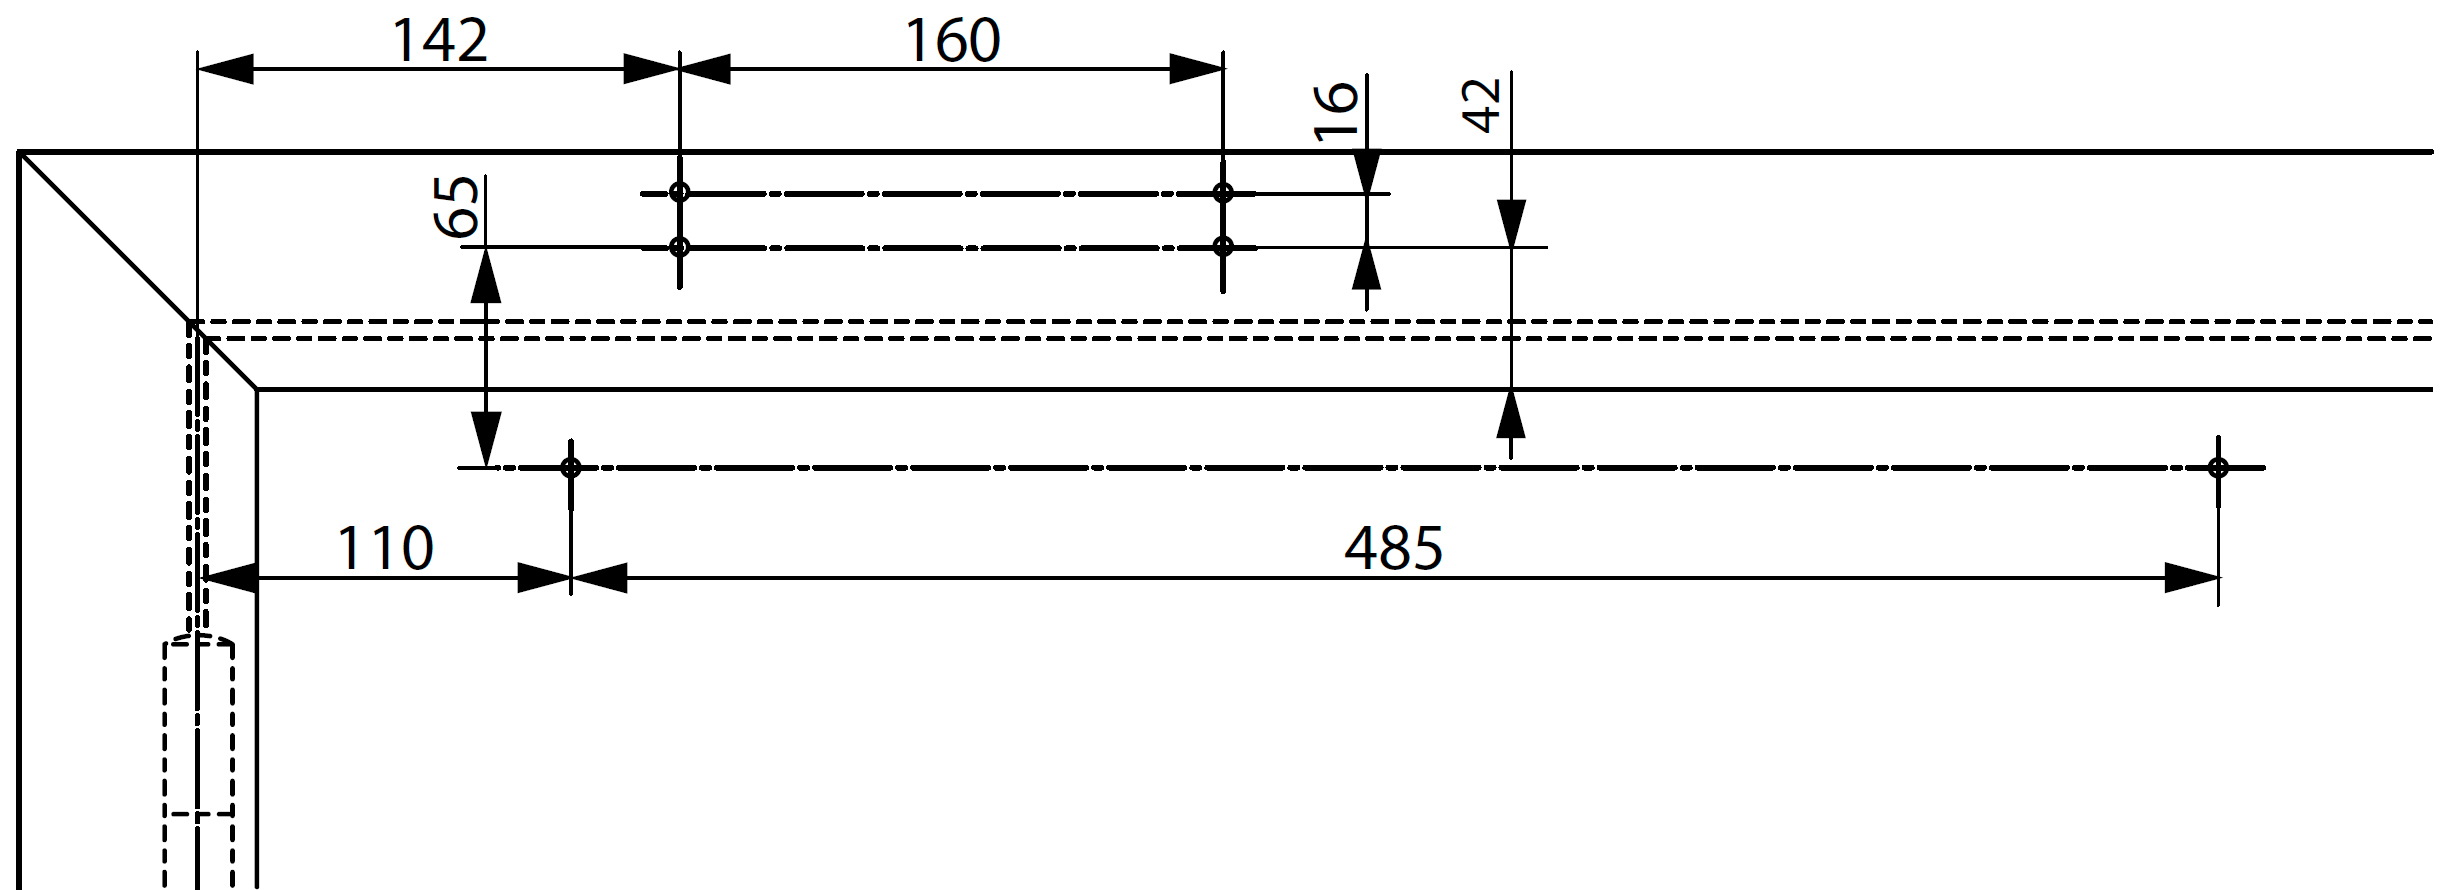 Монтажные размеры с монтажной пластиной для установки доводчика DC700 на коробку со стороны обратной петлям Доводчик на коробке со стороны обратной петлям Для дверей, где прямой монтаж невозможен